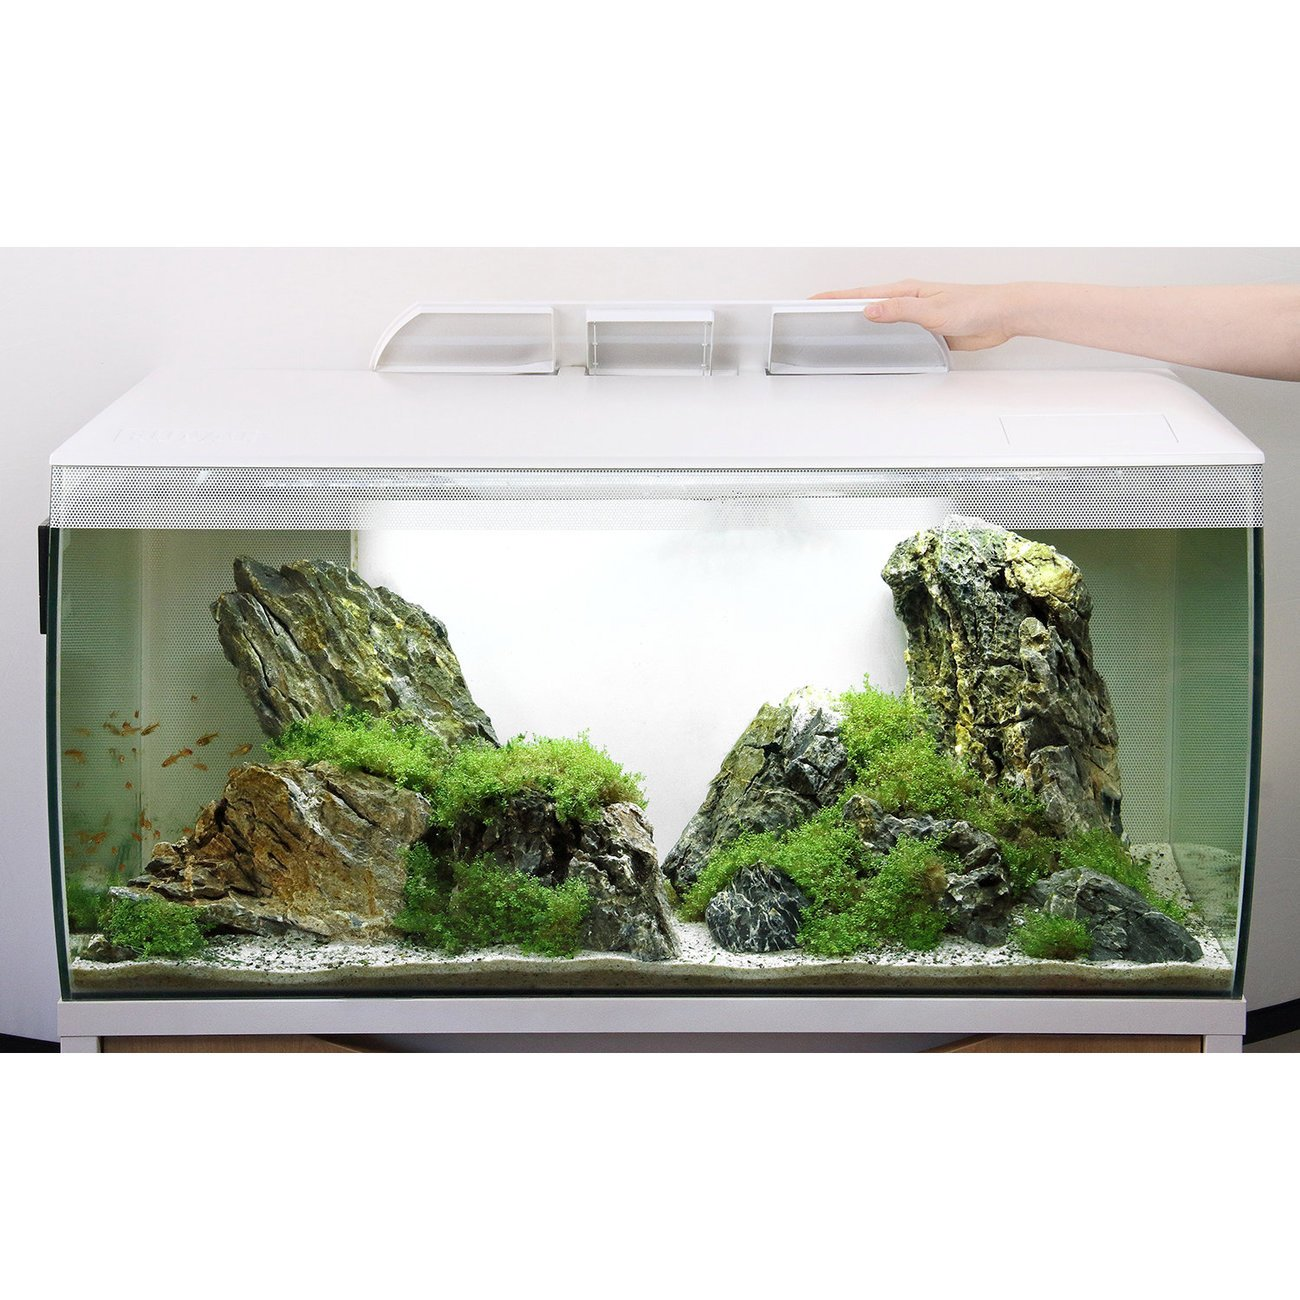 Fluval Flex 123 Liter Aquarium Bild 9